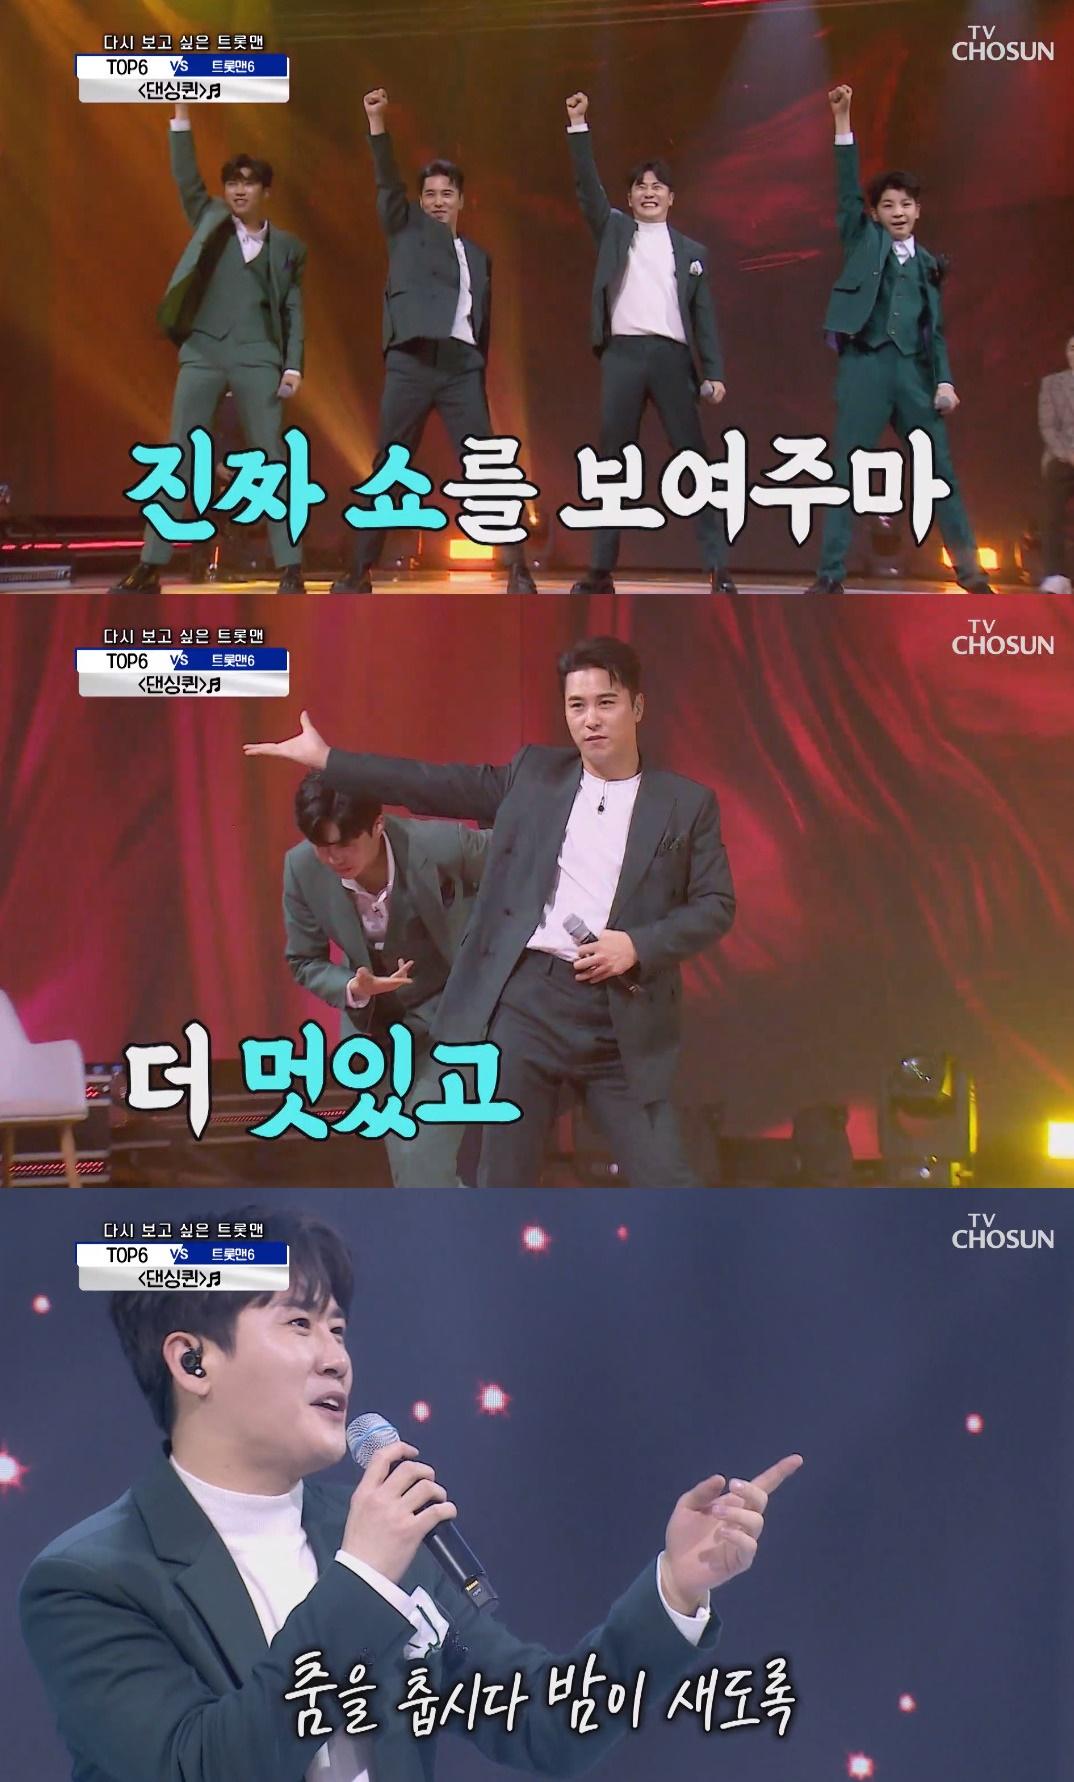 [TV톡] '사콜' 시간대 이동에도 굳건한 인기…톱6 영향력 어디까지